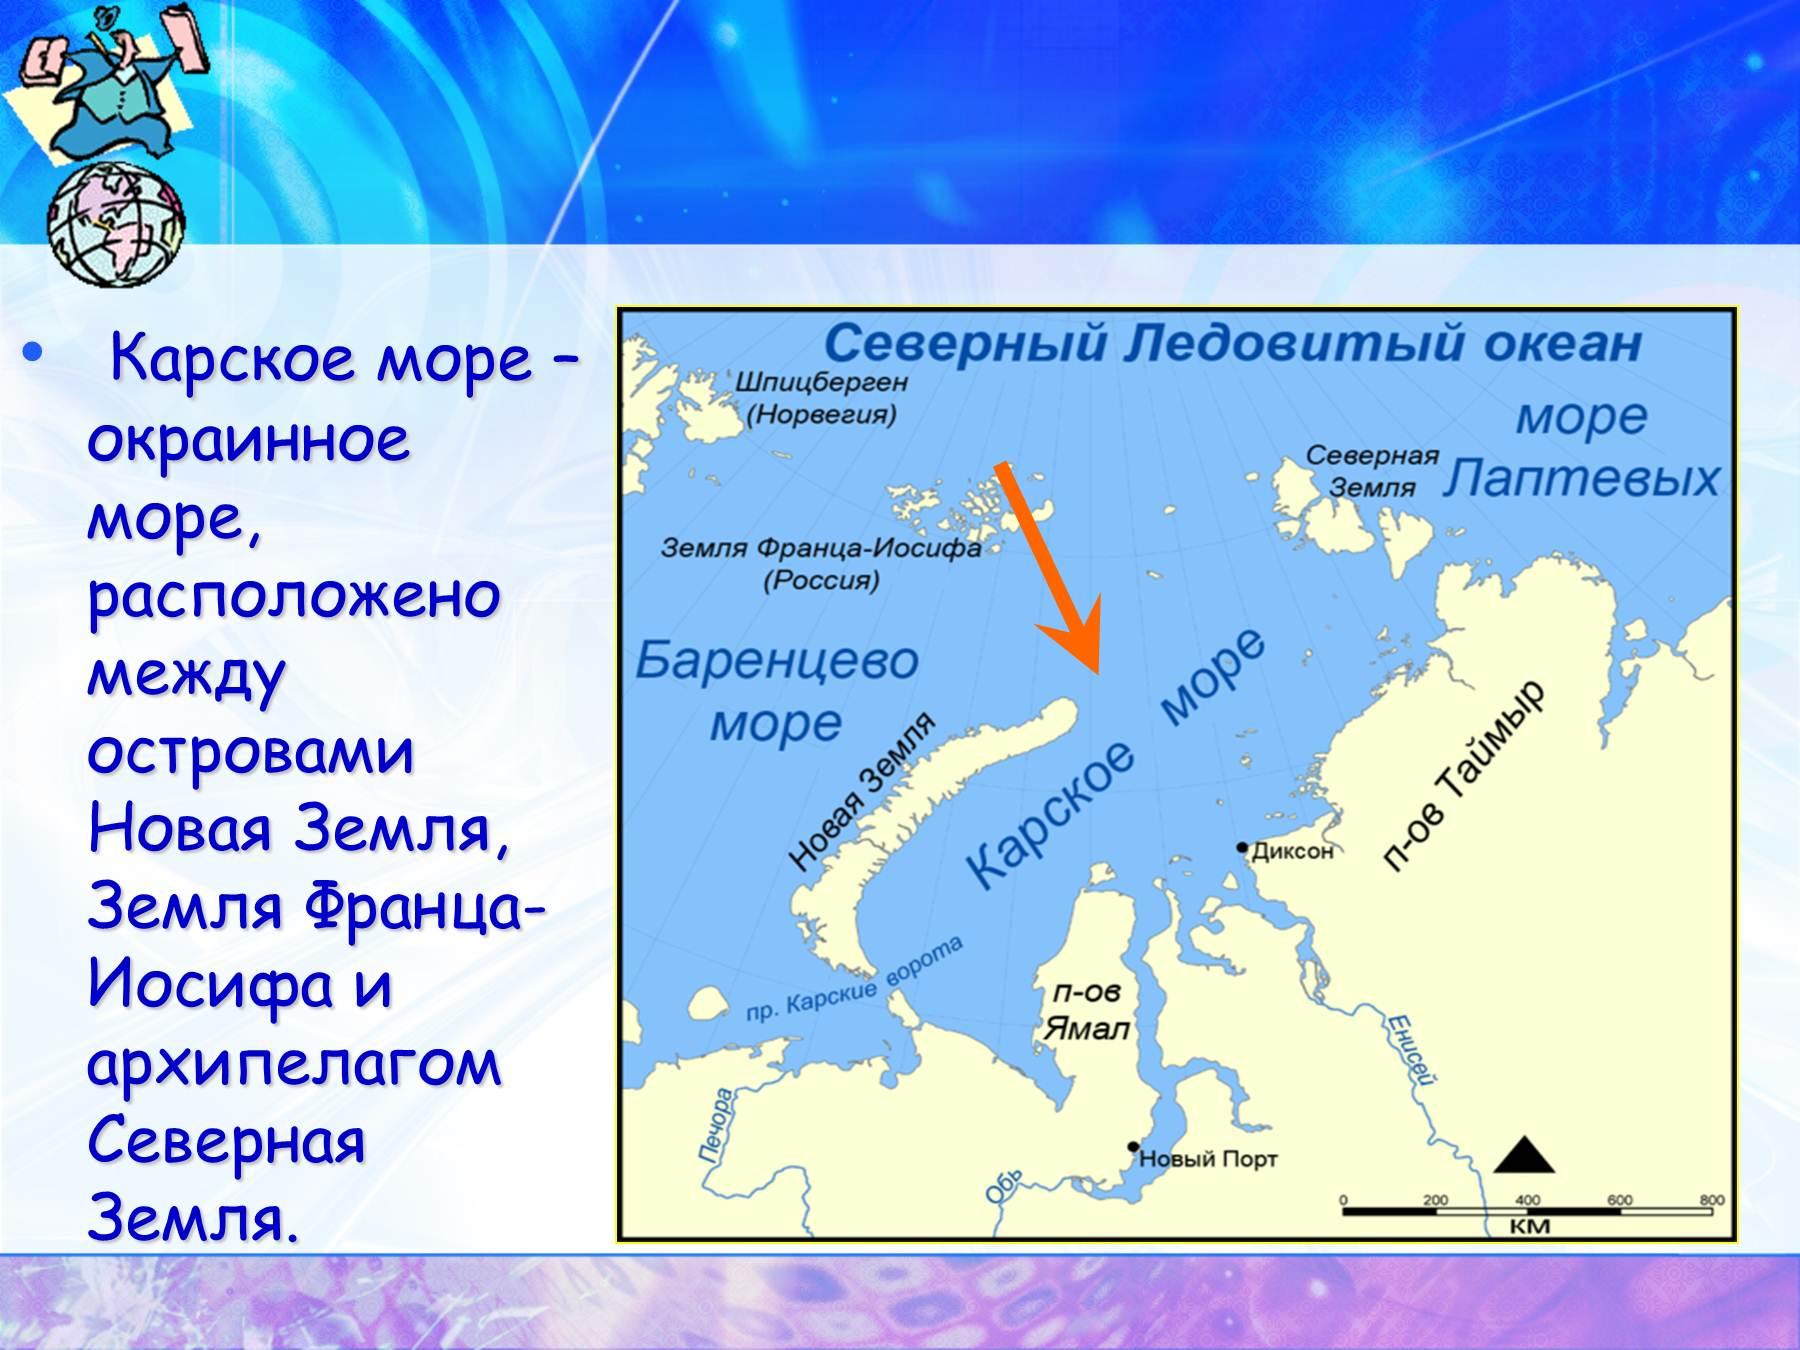 Моря россии википедия